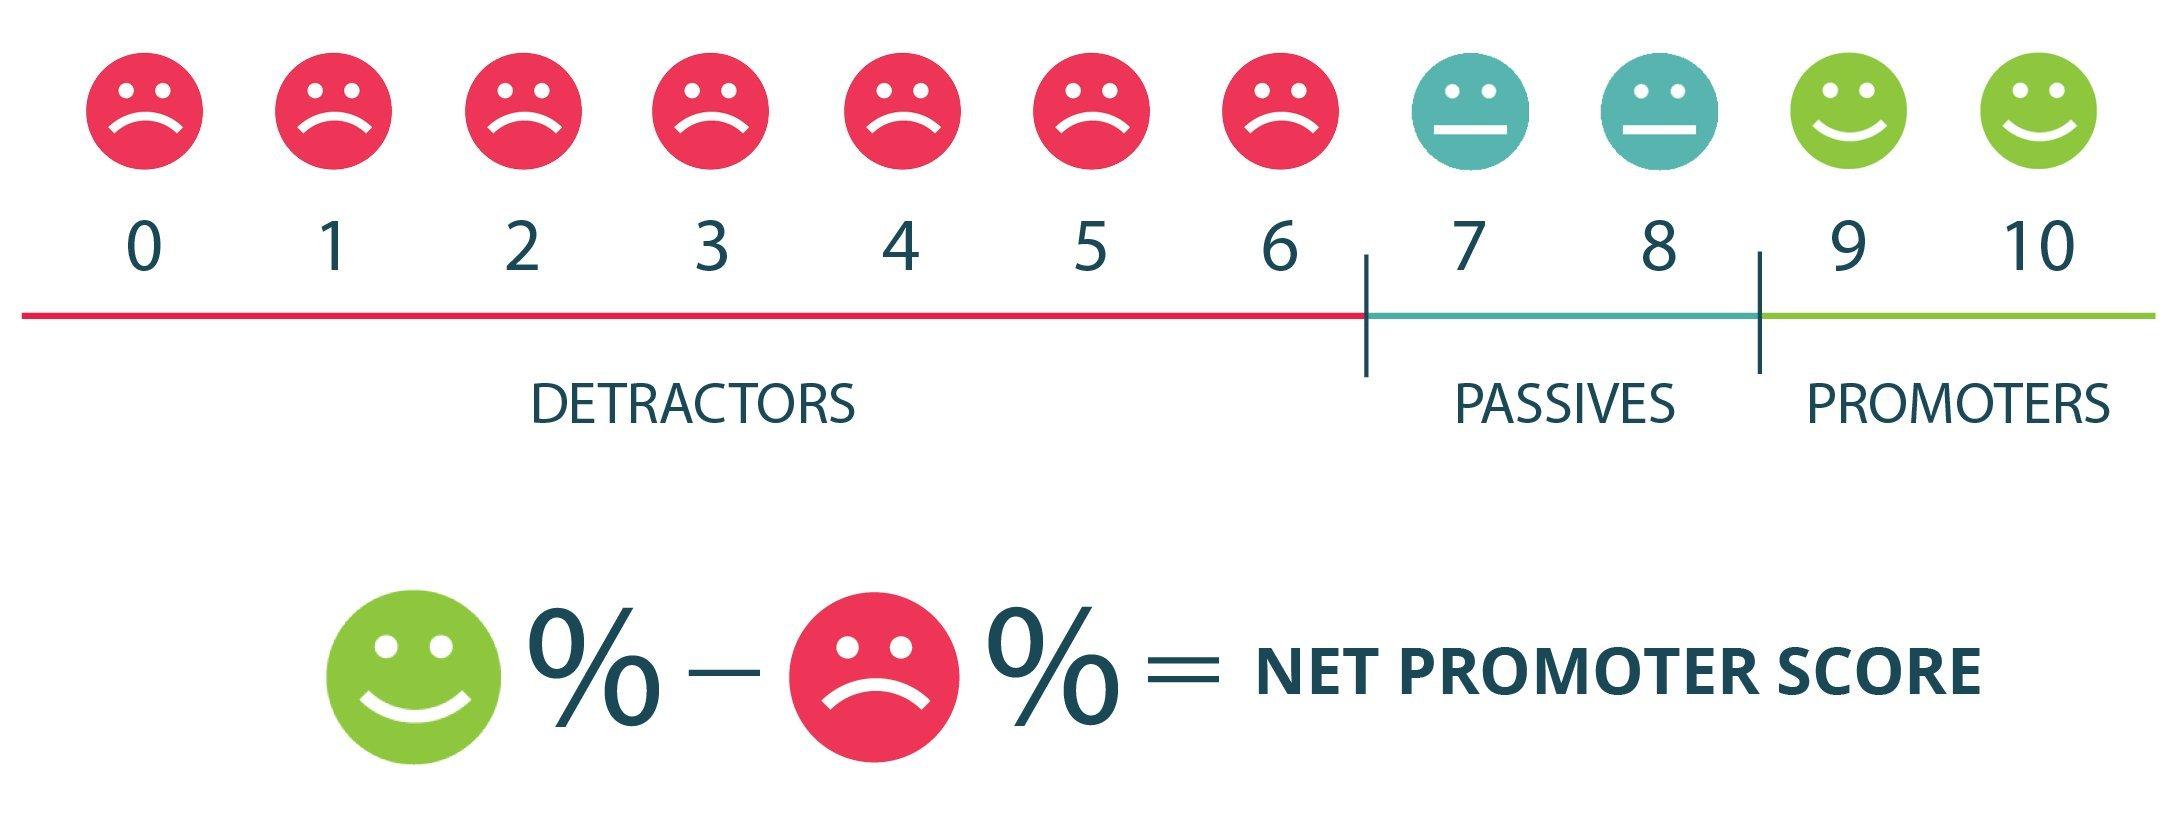 Net Promoter Score - NPS